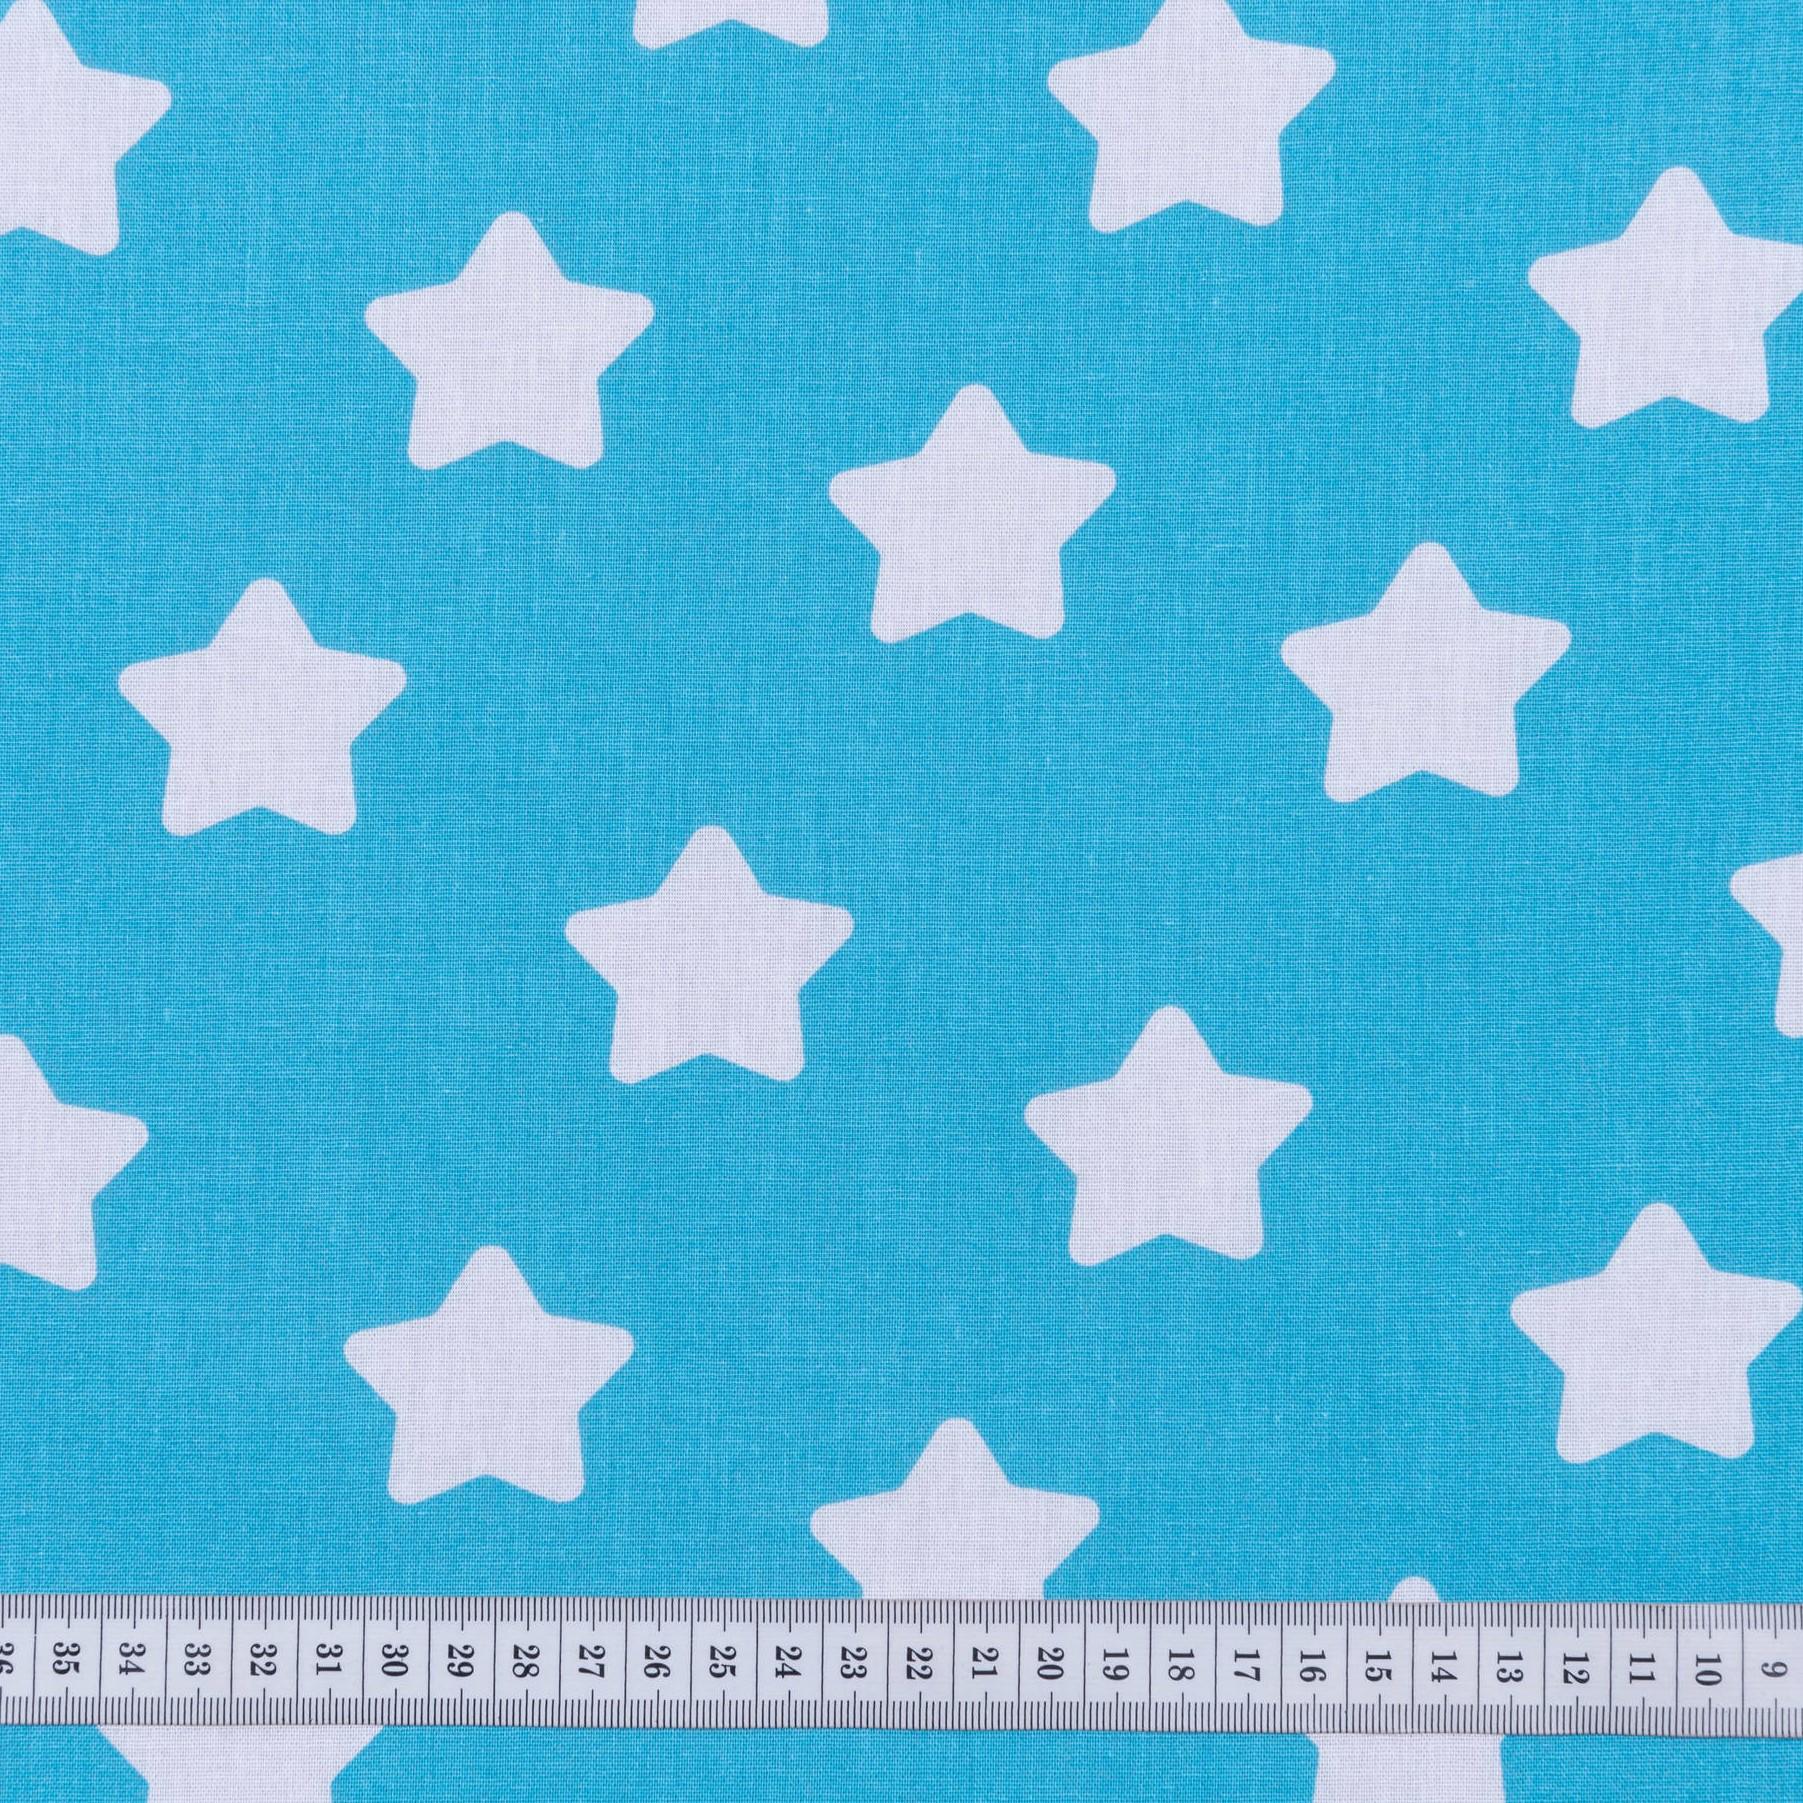 Бязь набивная Звездочки голубые, размер 50х70 см, хлопок 100%, плотность 120